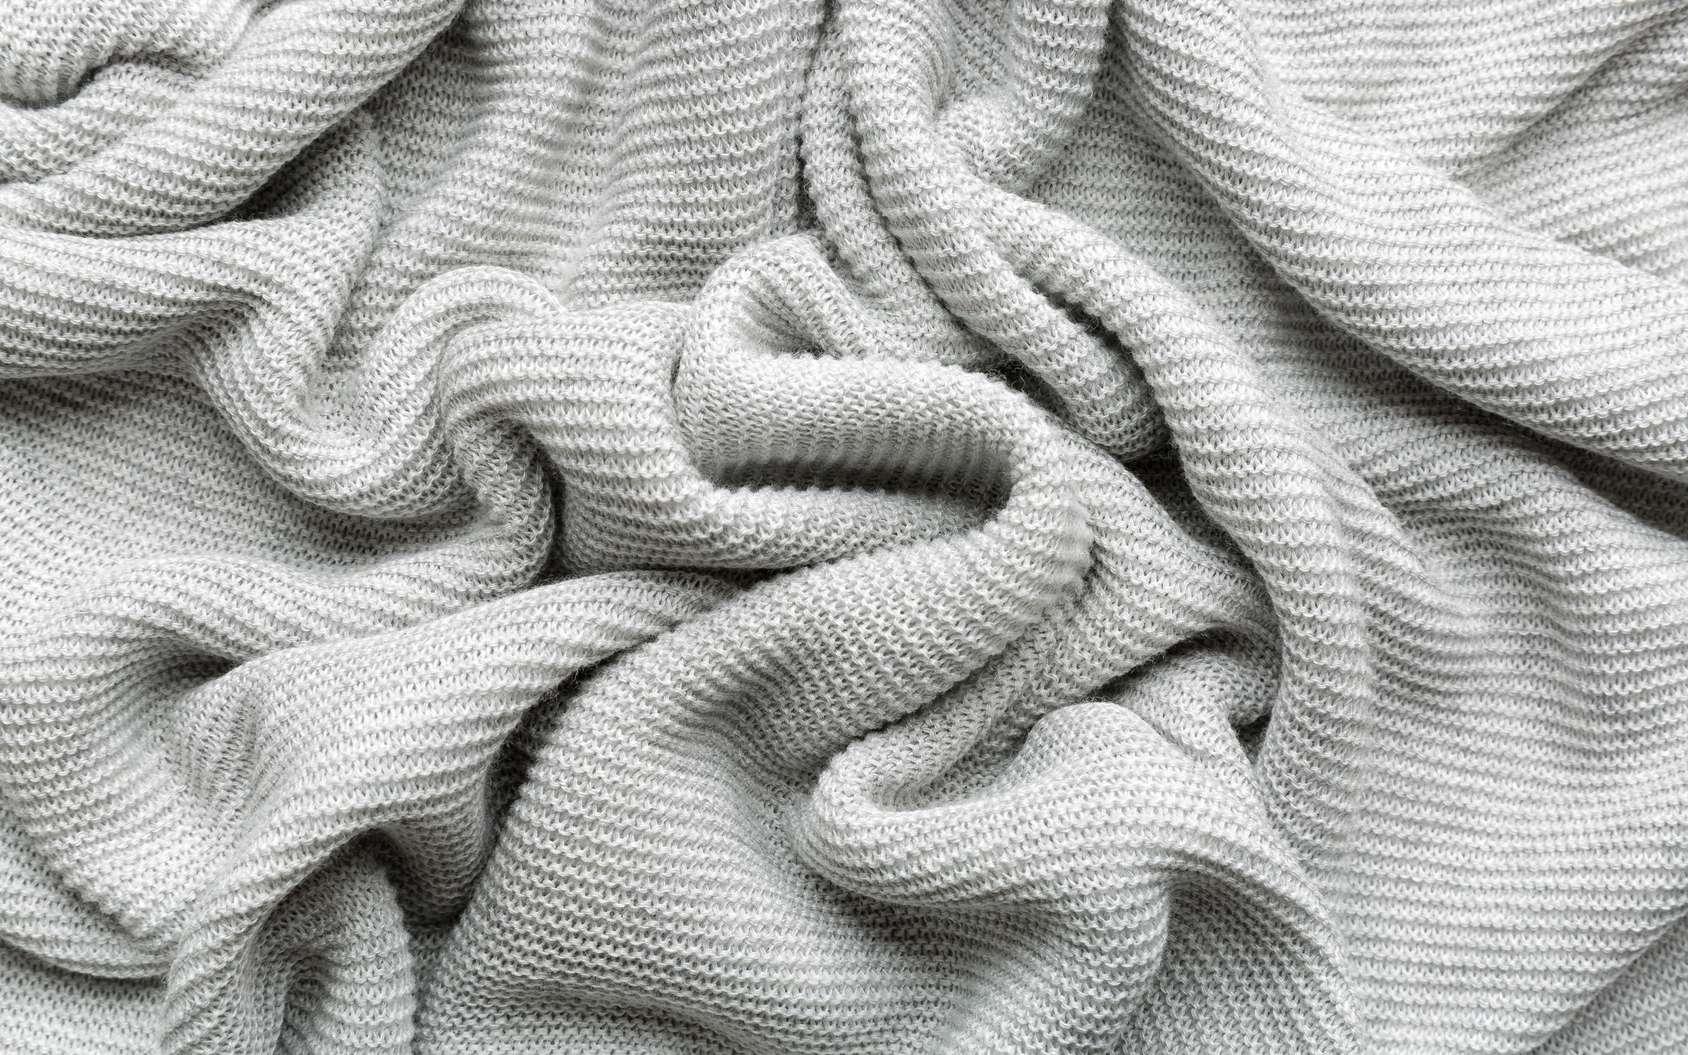 La laine cachemire est l'une des plus fines et des plus chères. © AnnaFotyma - Fotolia.com